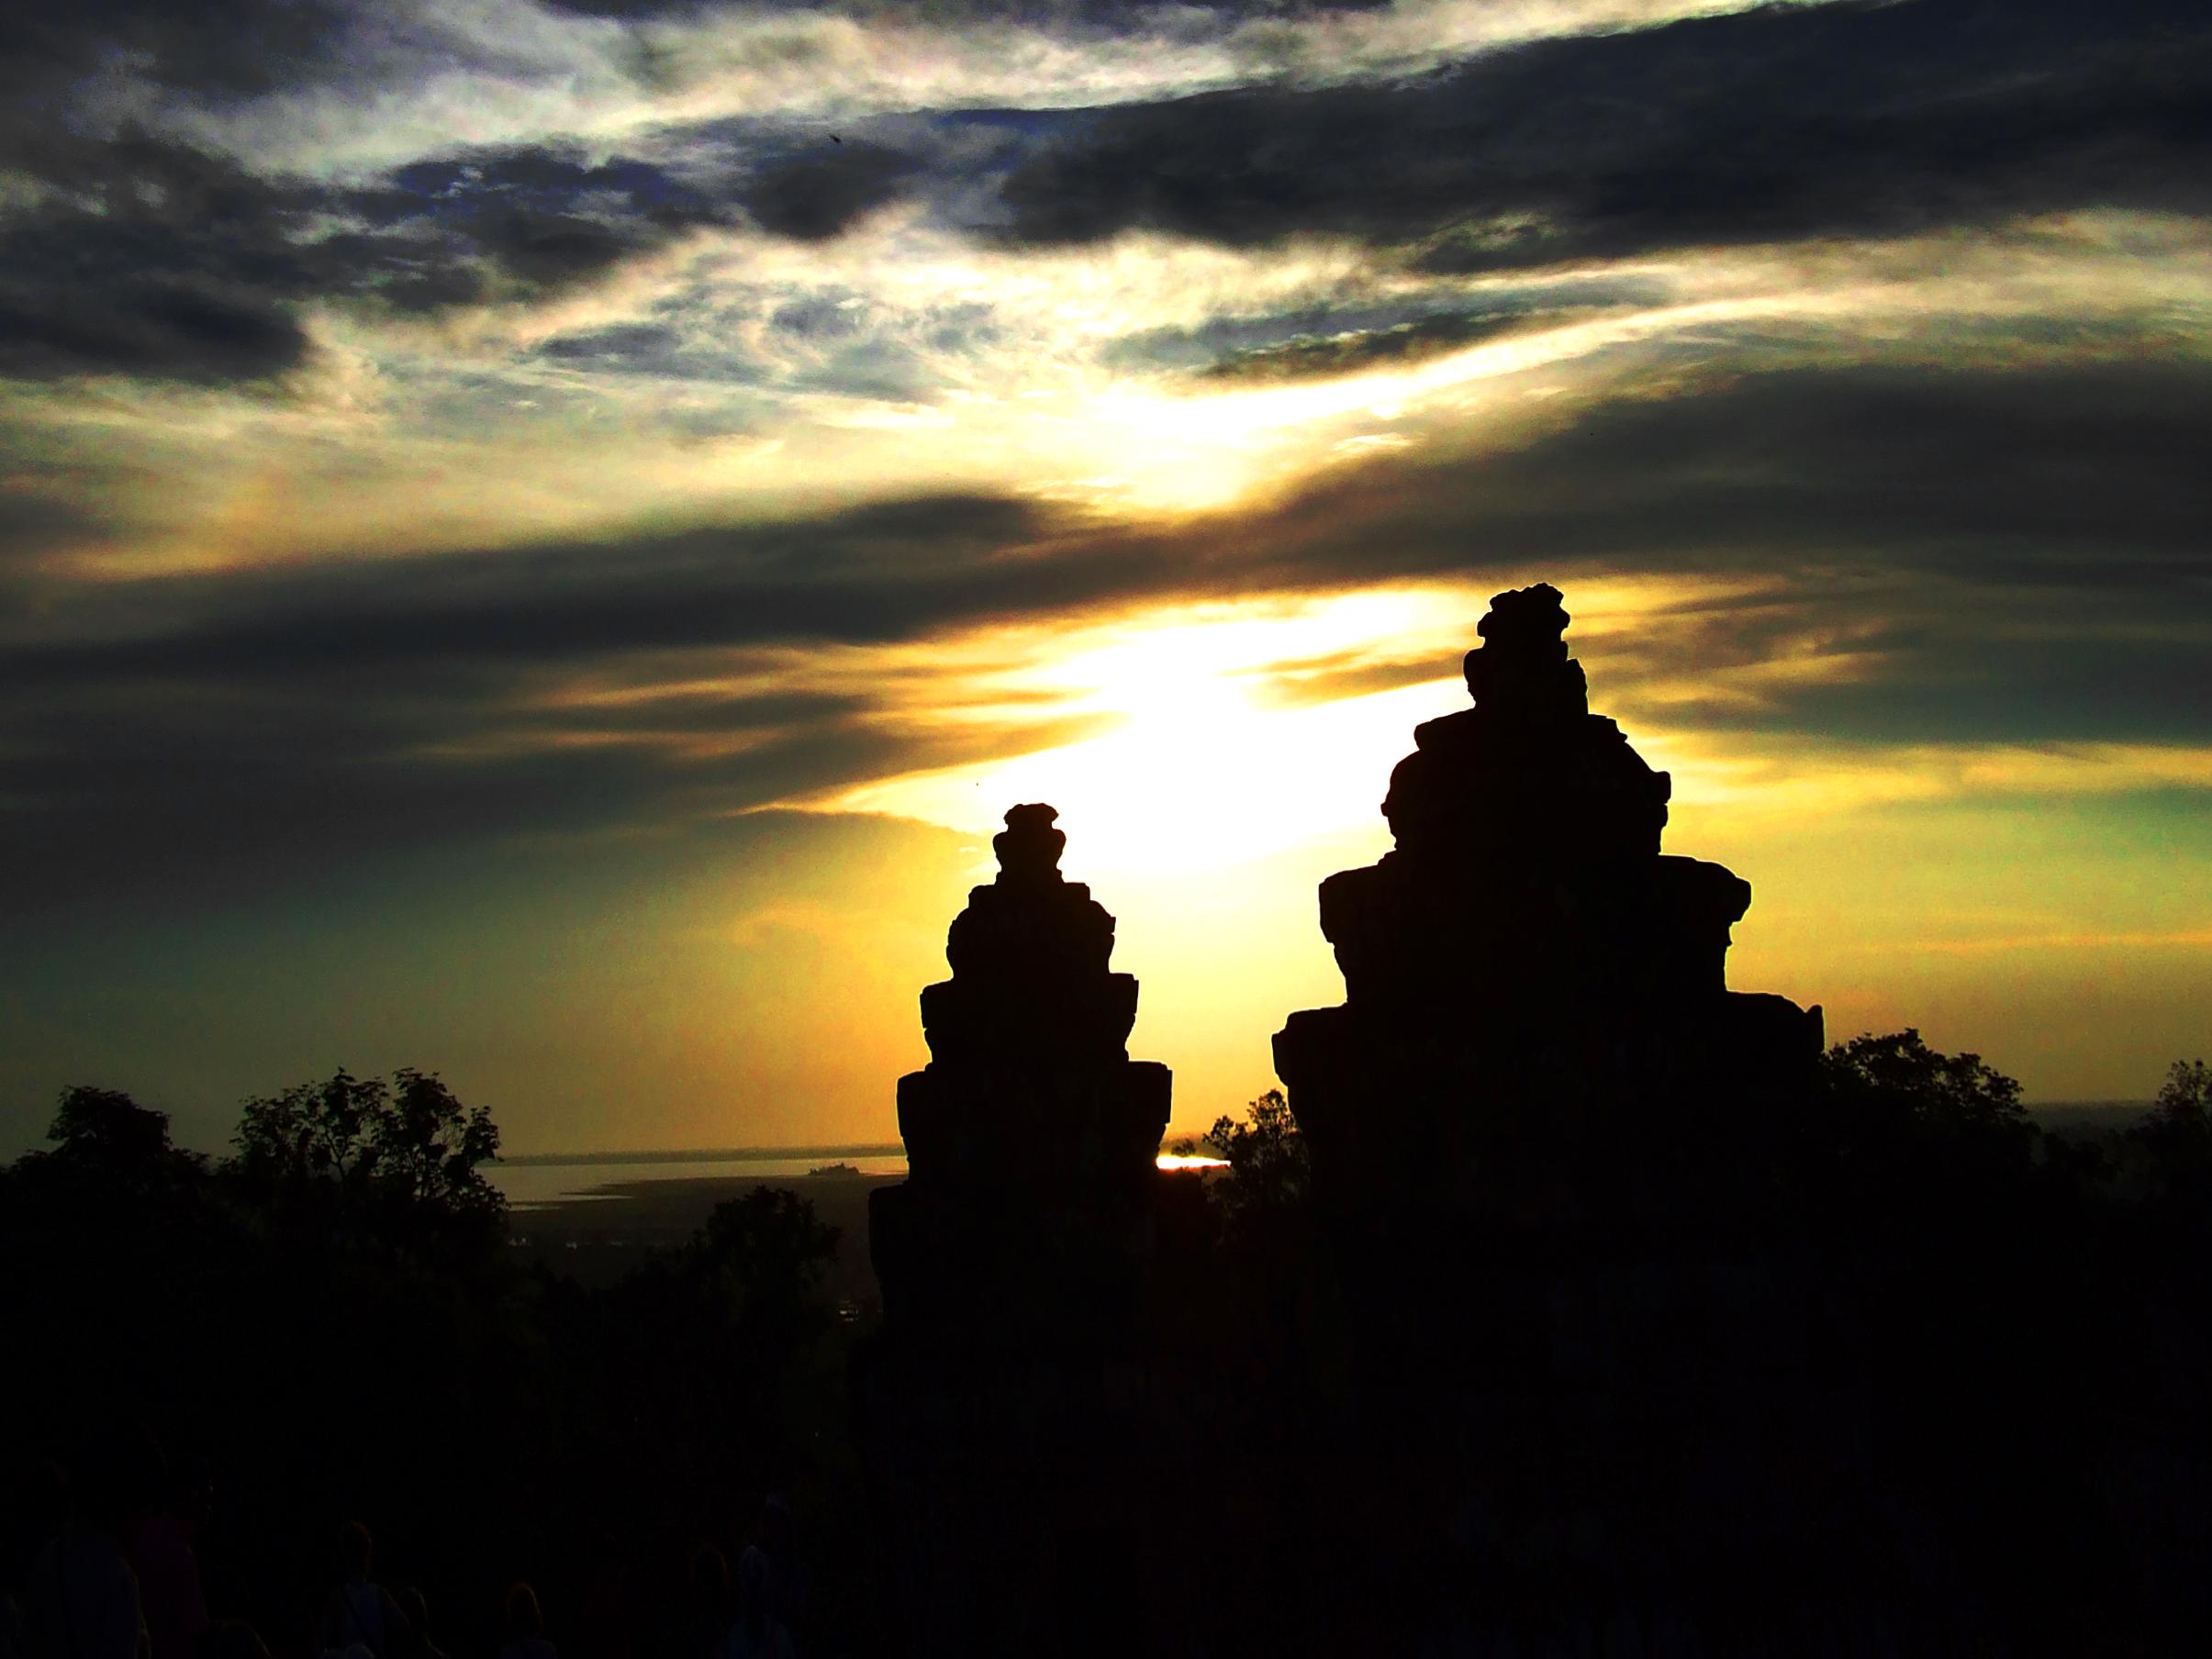 Sunset at angkor wat - cambodia photo